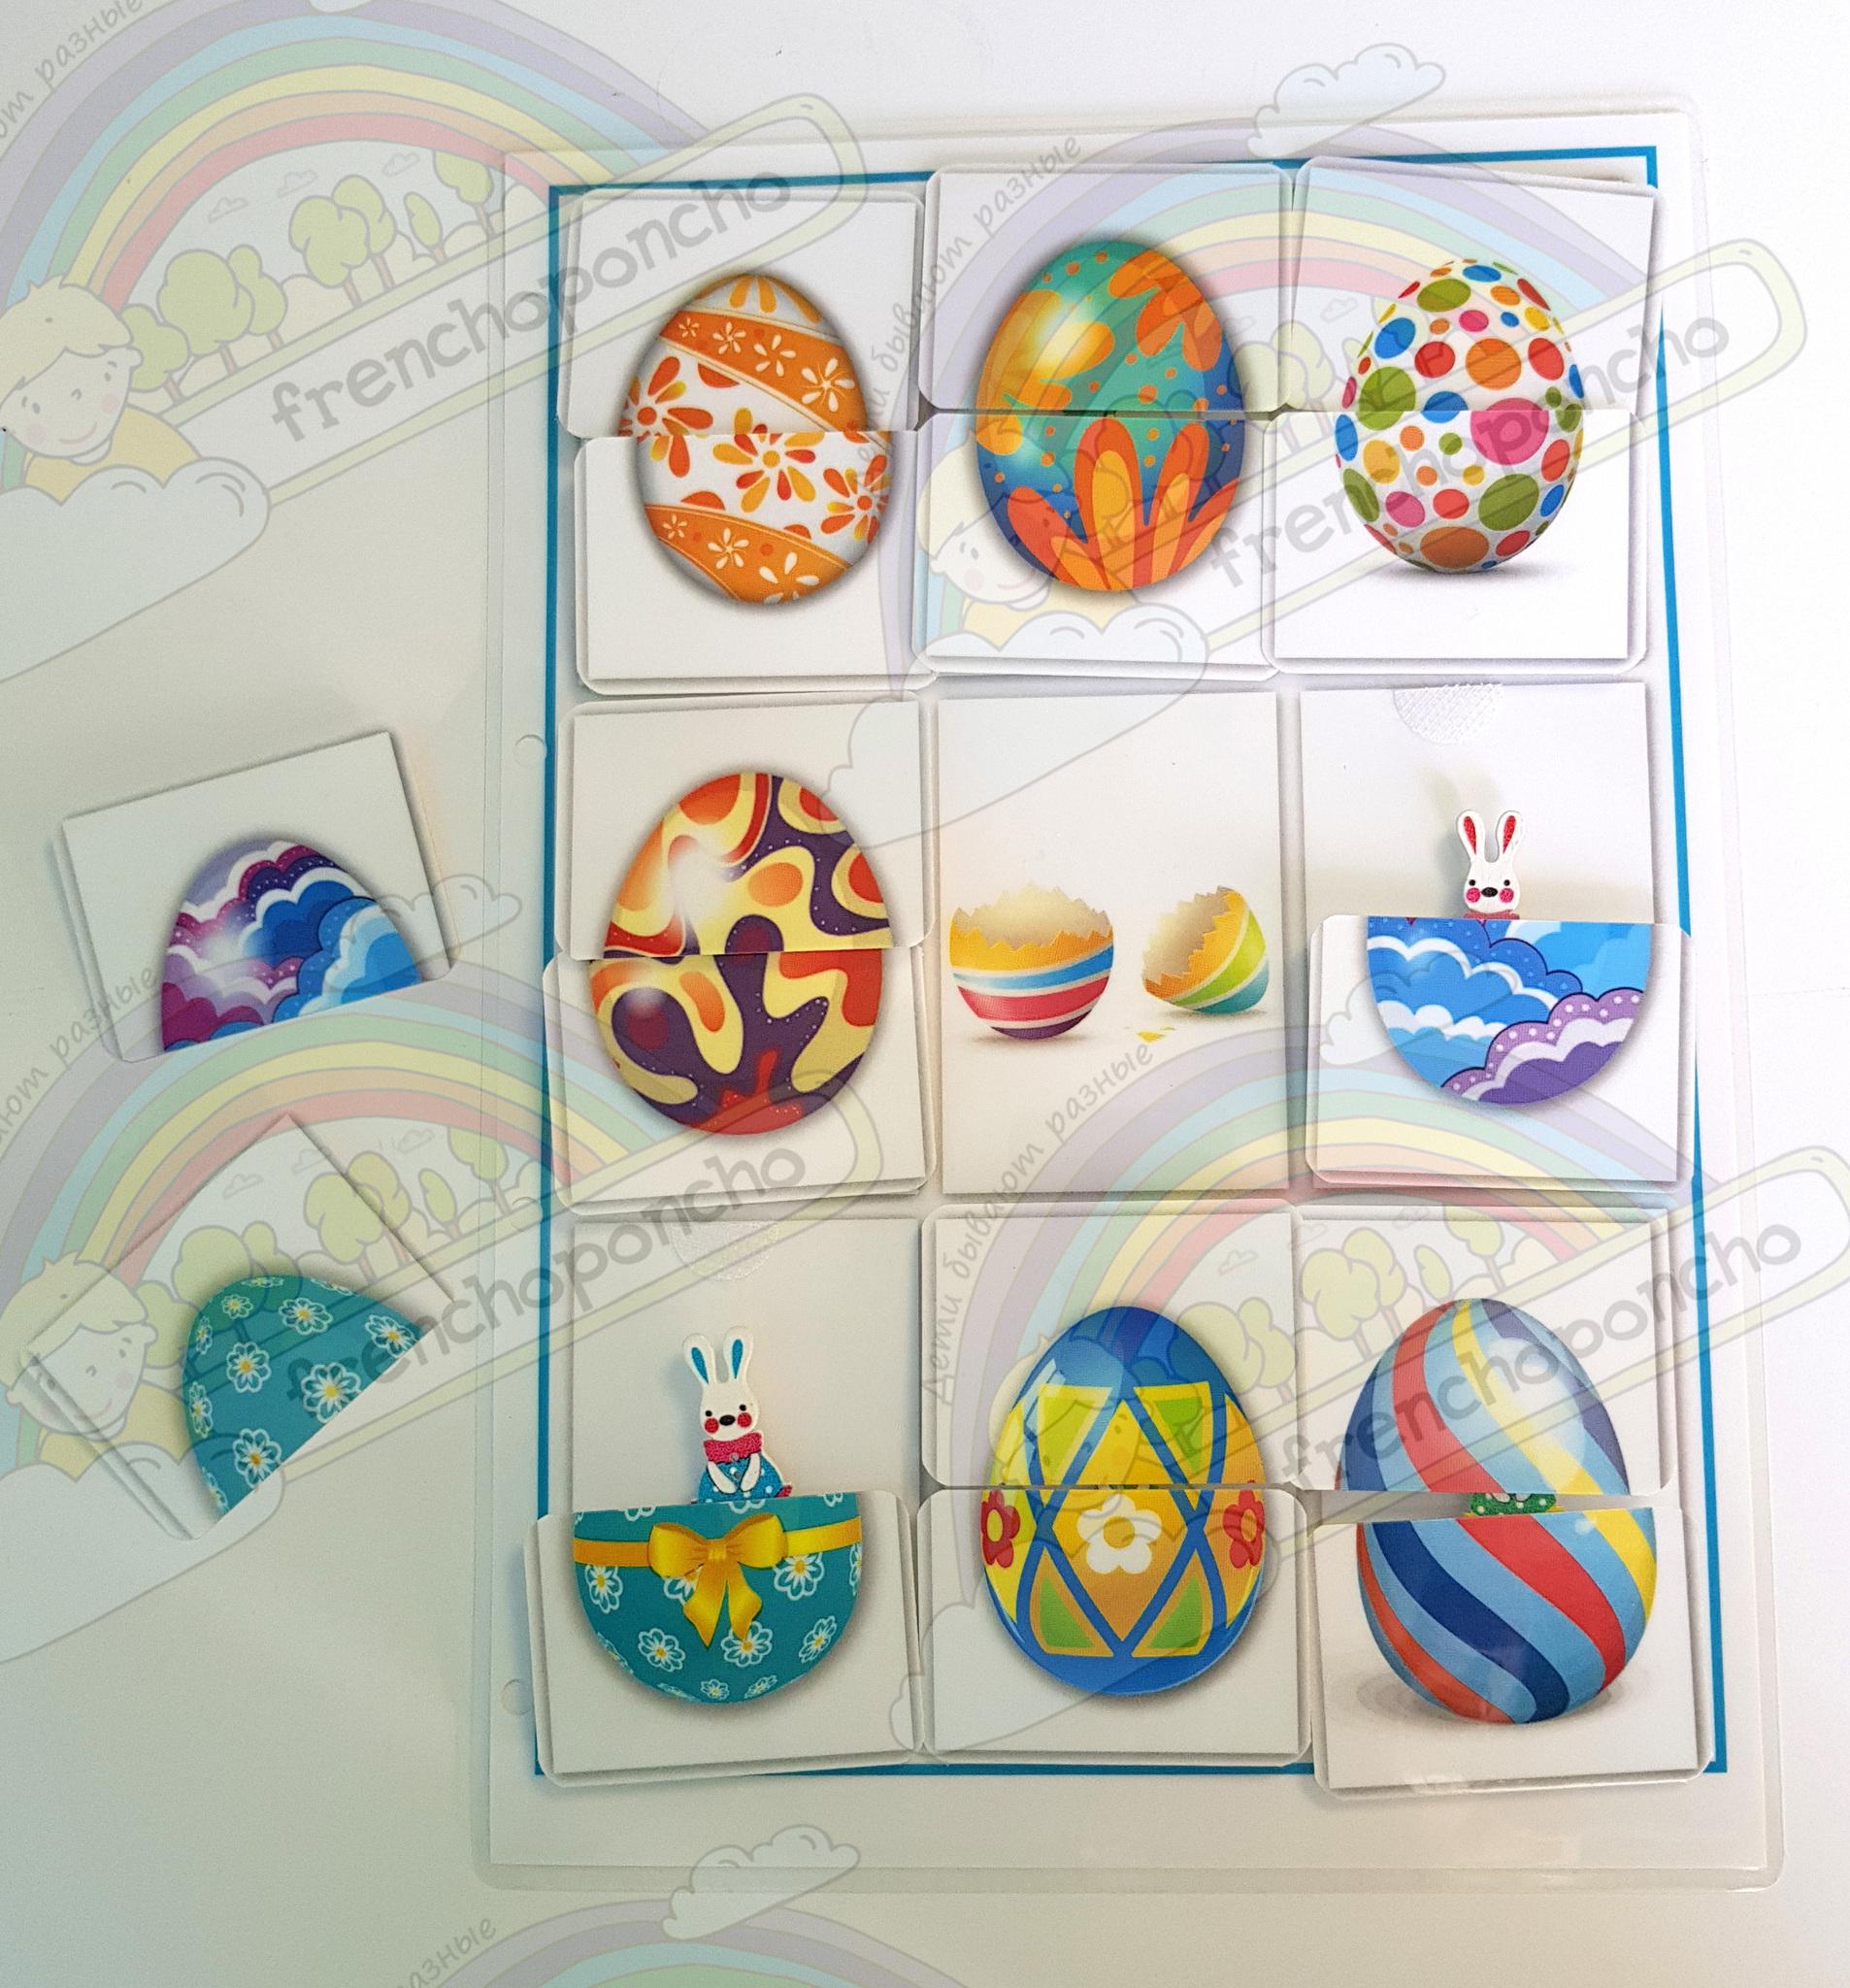 Пасхальные яйца. Разрезные картинки. Развивающие пособия на липучках Frenchoponcho (Френчопончо)